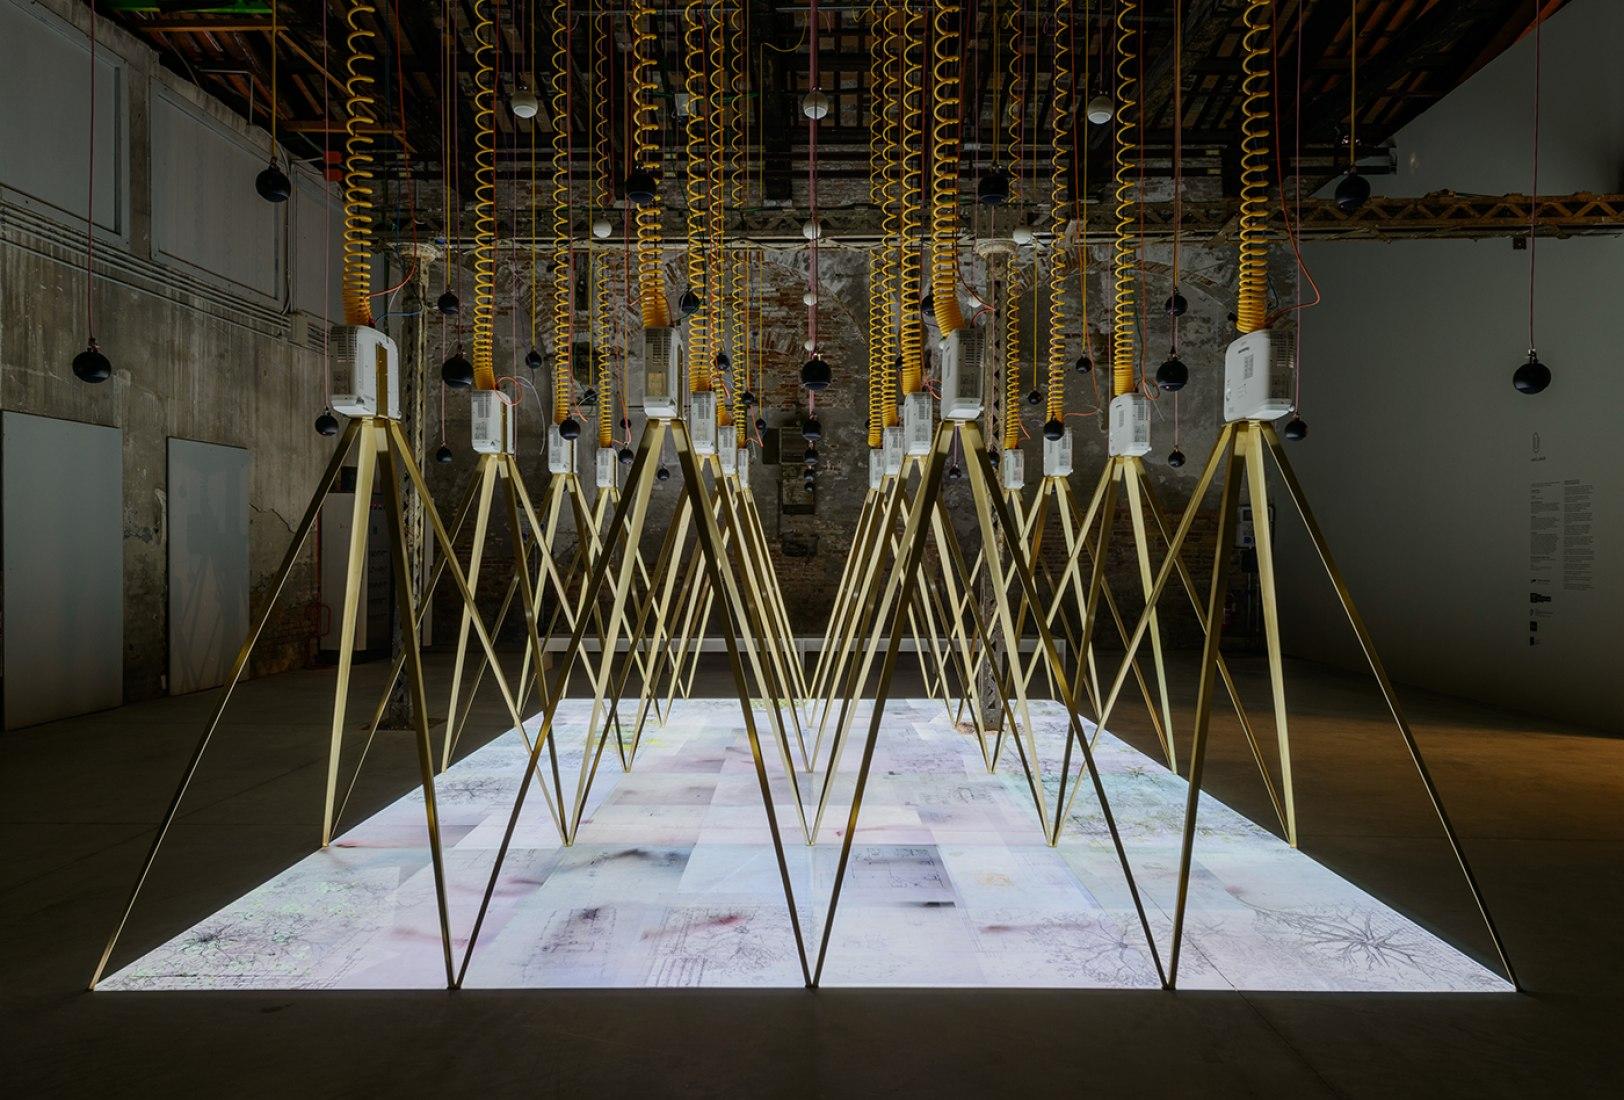 Pabellón de Irlanda en la 15ª Exposición de Arqutectura de la Bienal de Venecia. Imagen cortesía de la Bienal de Venecia. Fotografía © Andrea Avezzù.